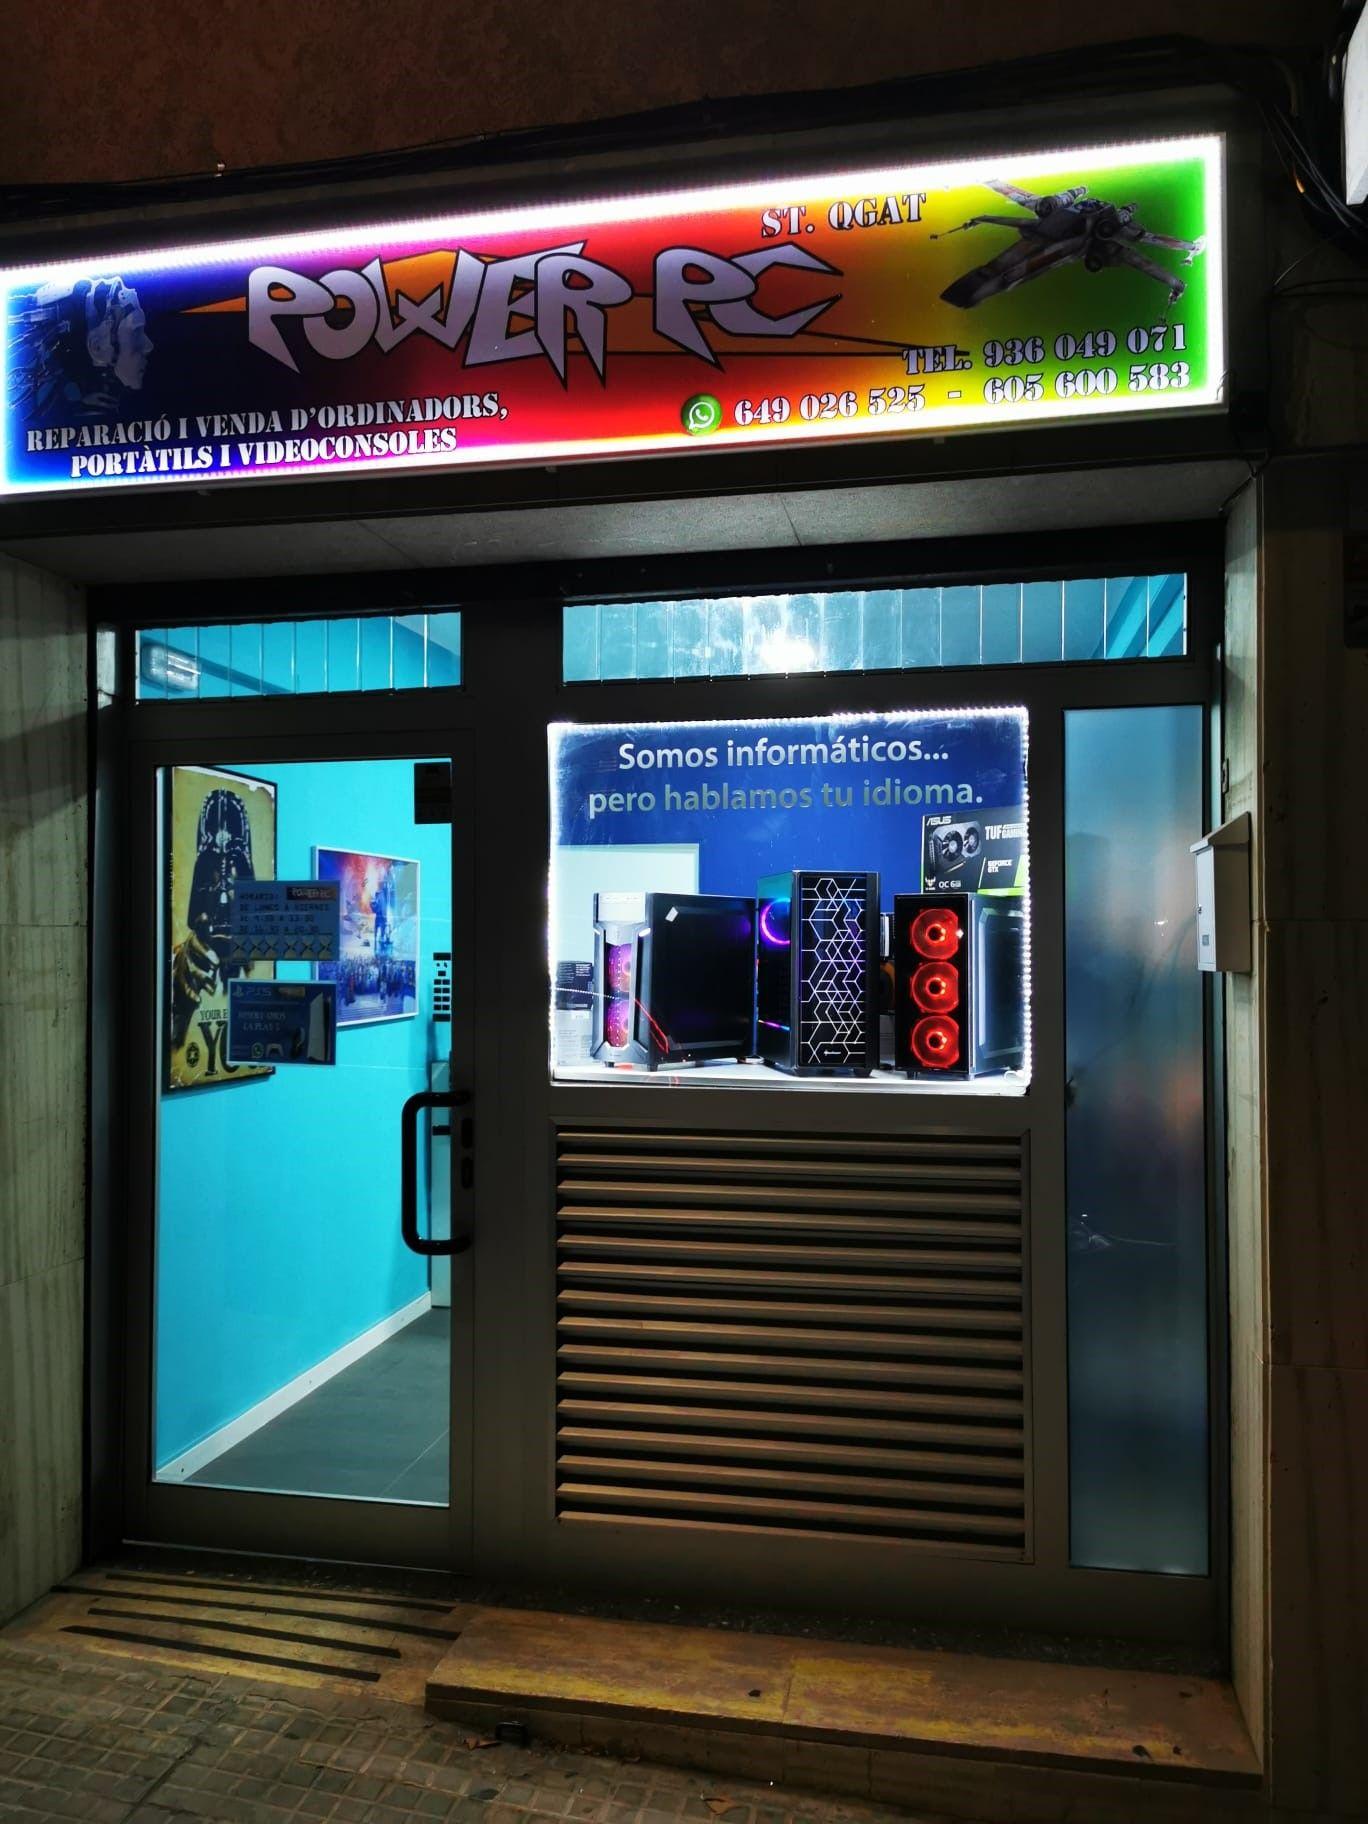 Façana de la botiga d'informàtica POWER PC. FOTO: Cedida